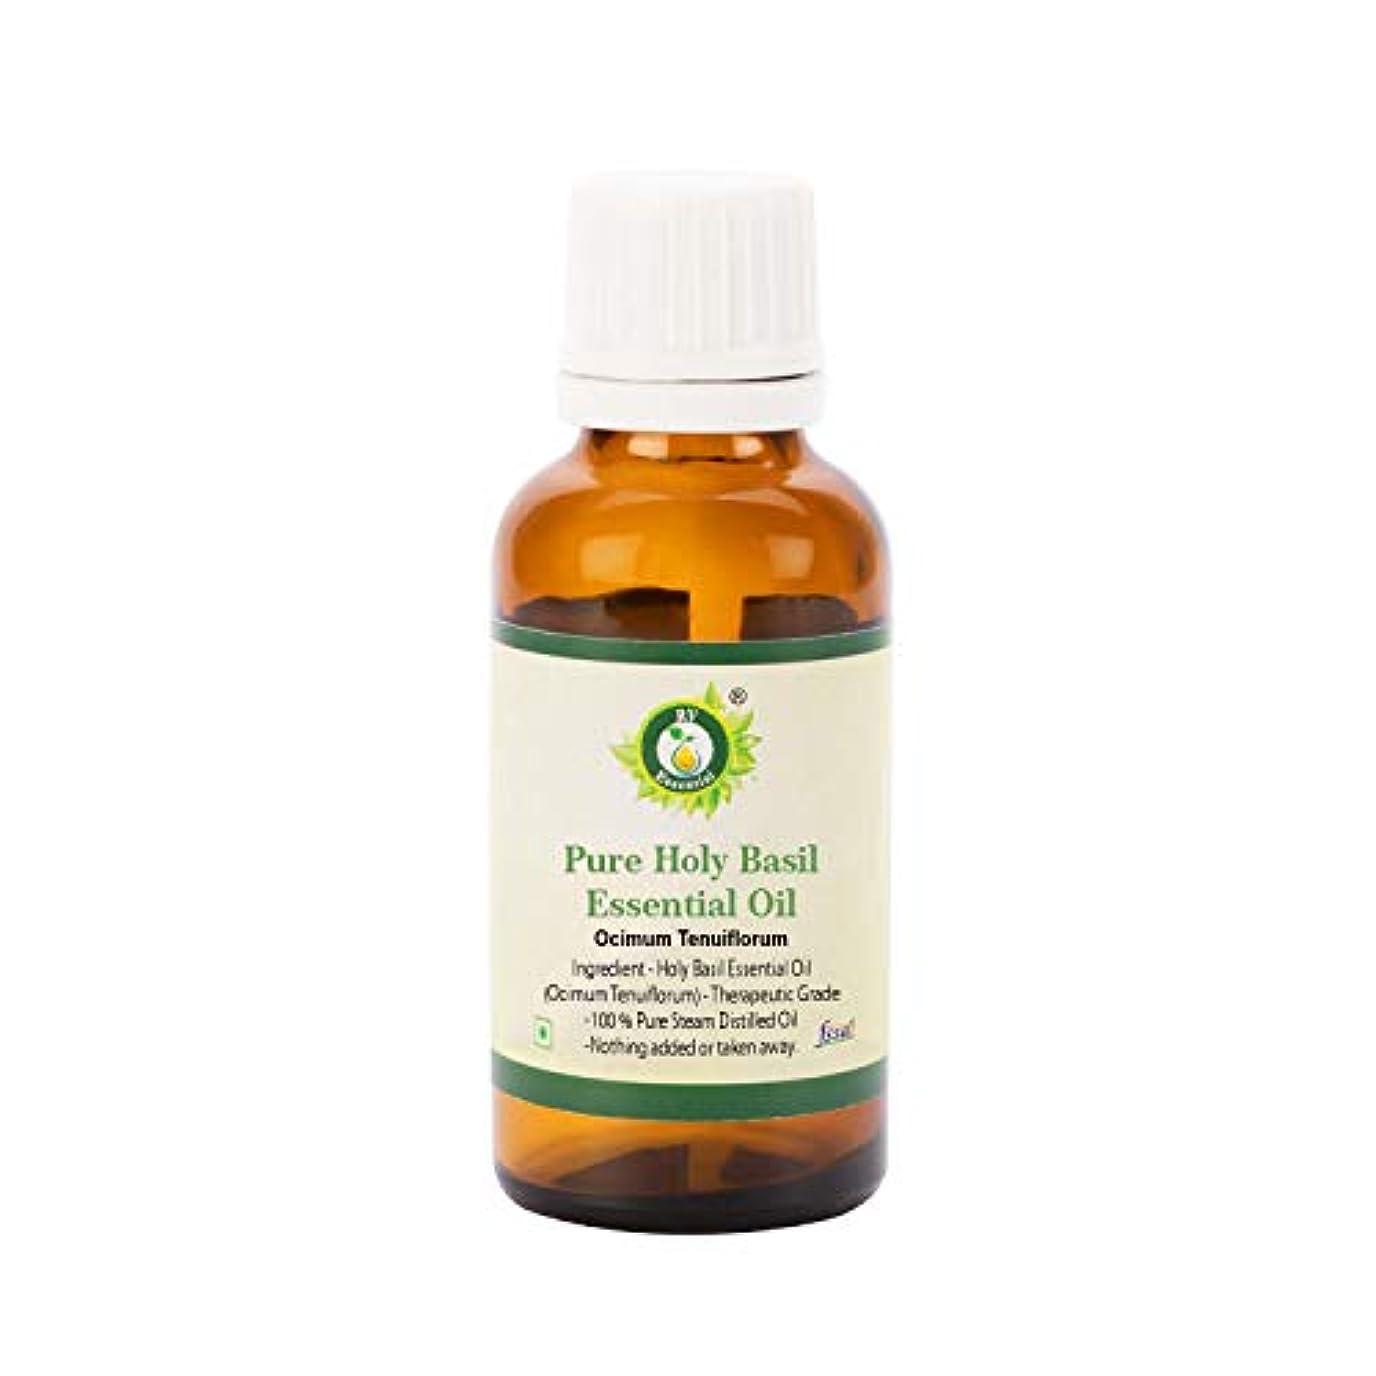 悪意のある最終インスタントR V Essential ピュアホーリーバジルエッセンシャルオイル30ml (1.01oz)- Ocimum Tenuiflorum (100%純粋&天然スチームDistilled) Pure Holy Basil Essential...